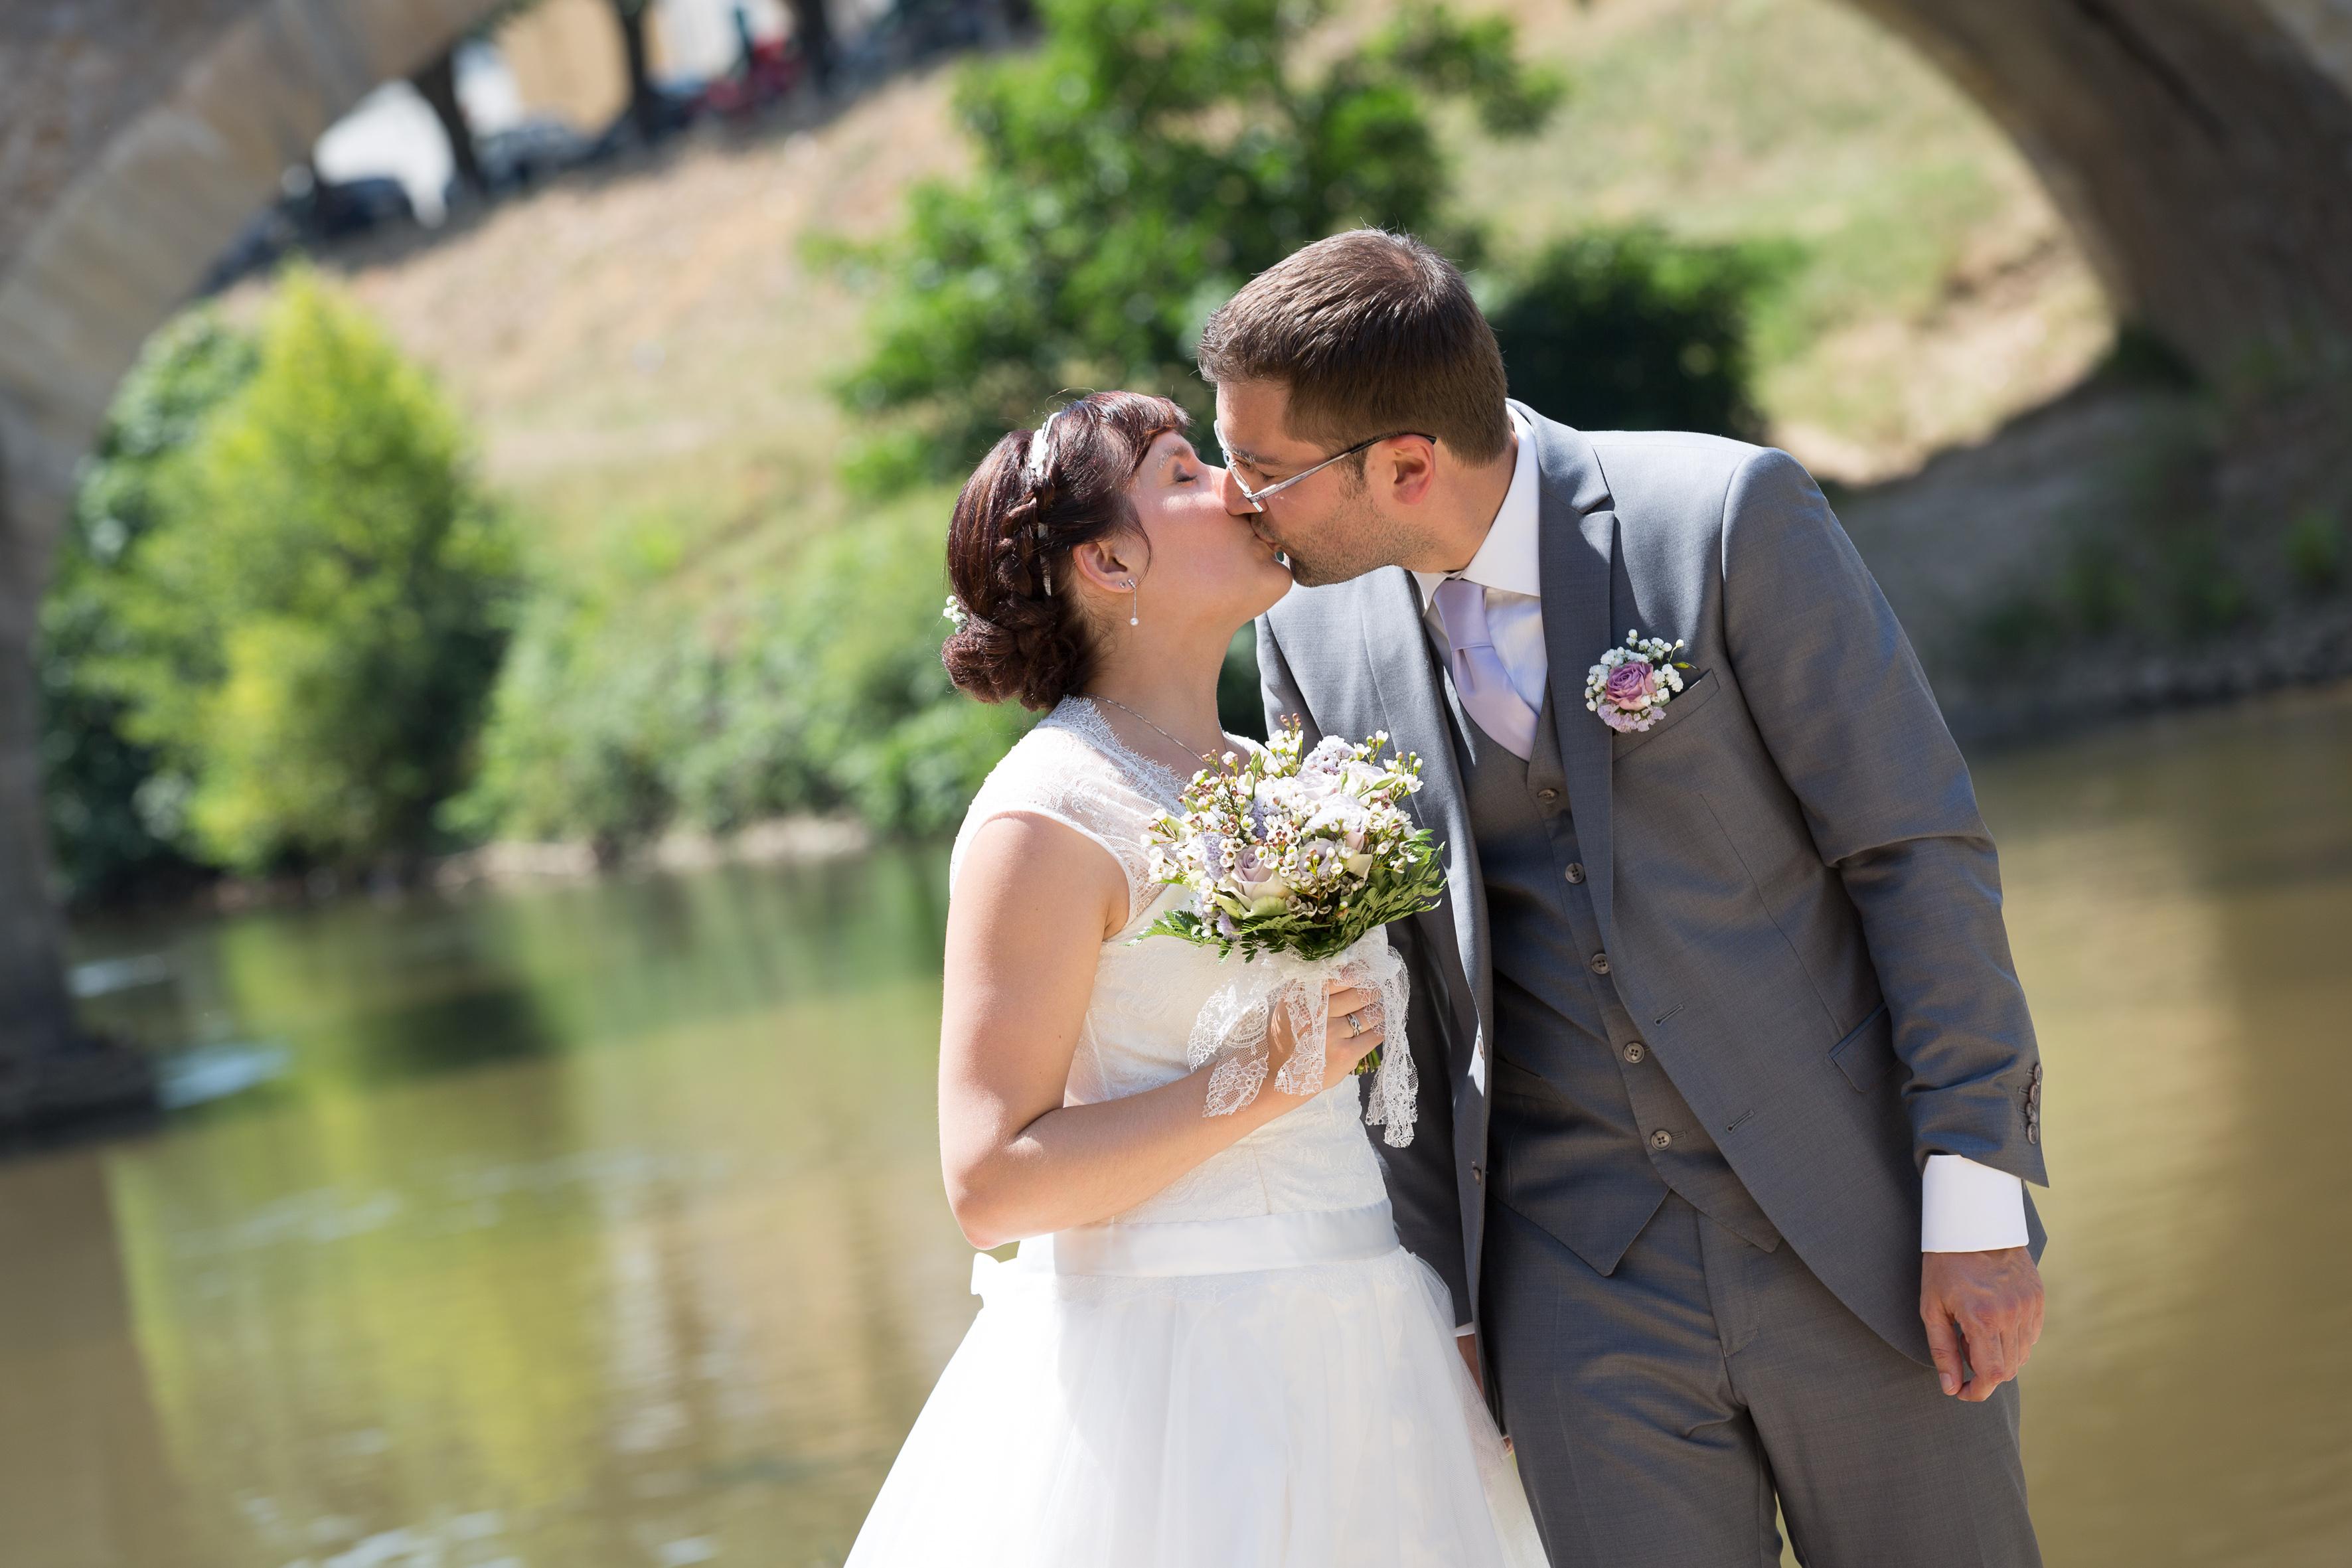 Le mariage fleuri de Mme Fleur en parme, anis et ivoire